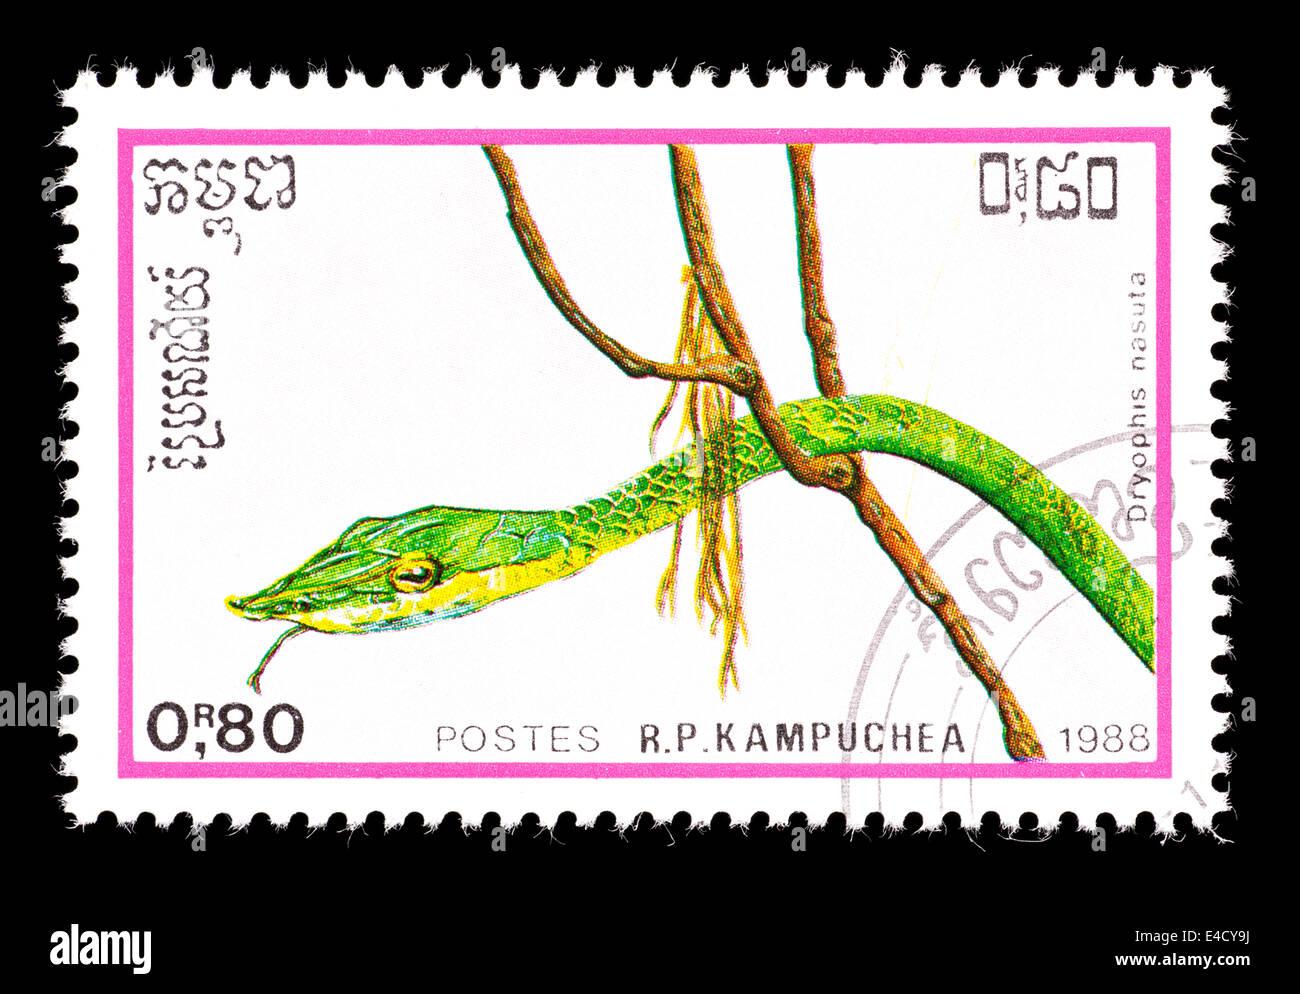 Timbre-poste du Cambodge (Kampuchea) représentant un serpent de vigne verte (Dryophis nasuta) Banque D'Images